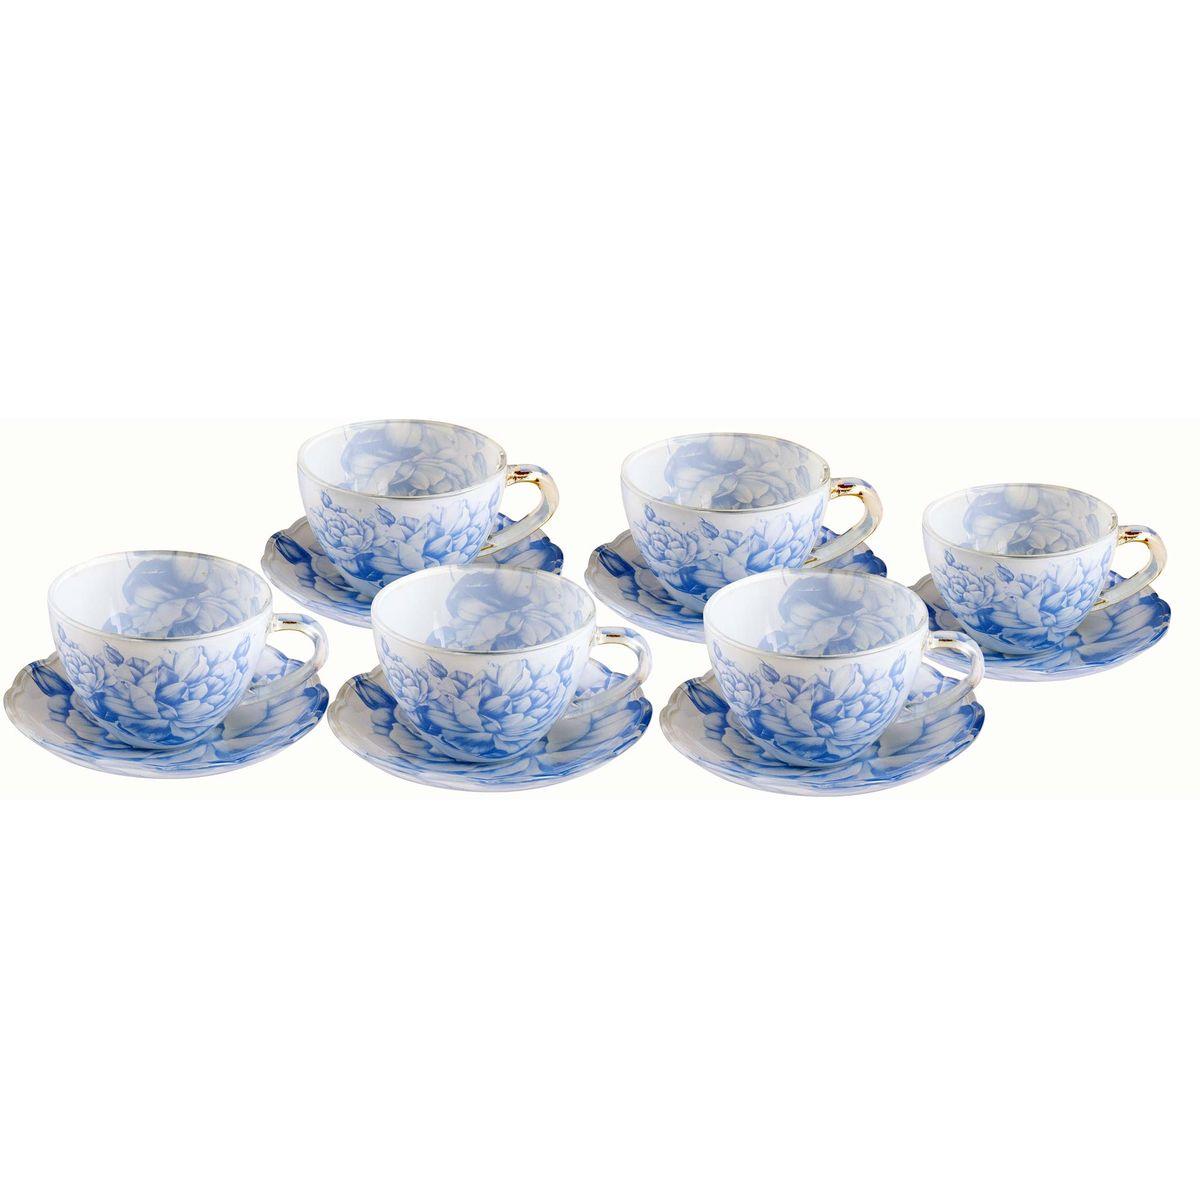 """Чайный набор """"Bekker"""" состоит из 6 чашек и 6 блюдец, выполненных из  высококачественного стекла с цветочным дизайном. Несмотря на свою  внешнюю хрупкость, каждый из предметов набора обладает  высокой прочностью и надежностью.    Такой чайный набор станет украшением стола, а  процесс чаепития превратится в одно удовольствие! А также его можно преподнести в качестве  оригинального и практичного подарка для родных и близких.  Объем чашки: 200 мл.    Диаметр блюдца: 13,5 см."""